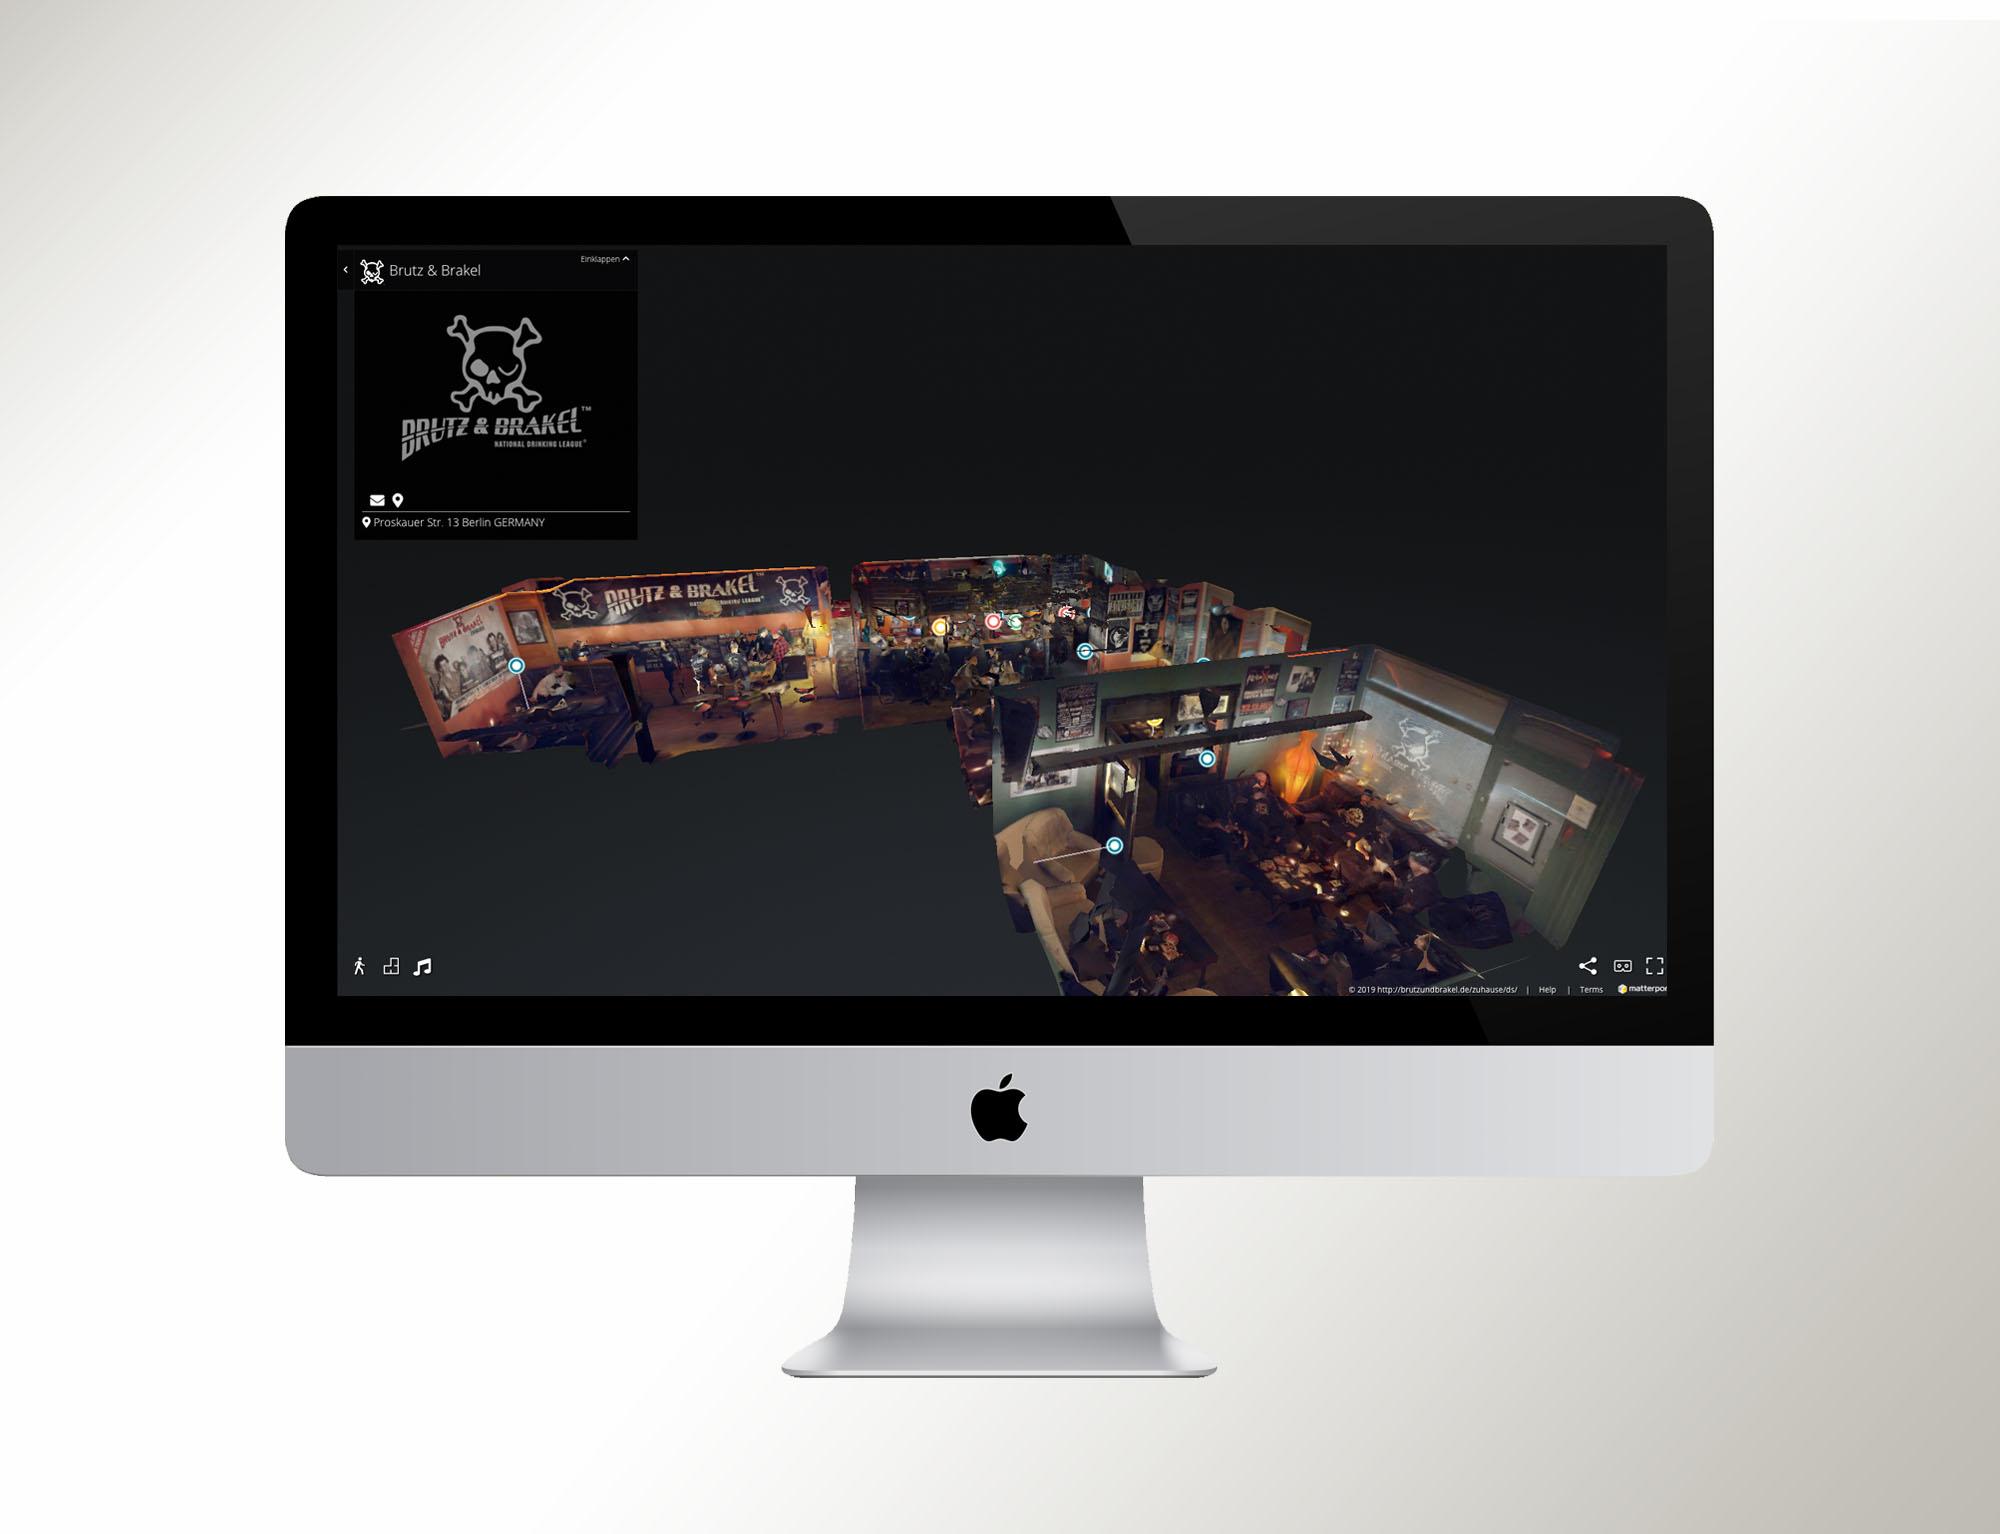 3D Homepage: Brutz & Brakel